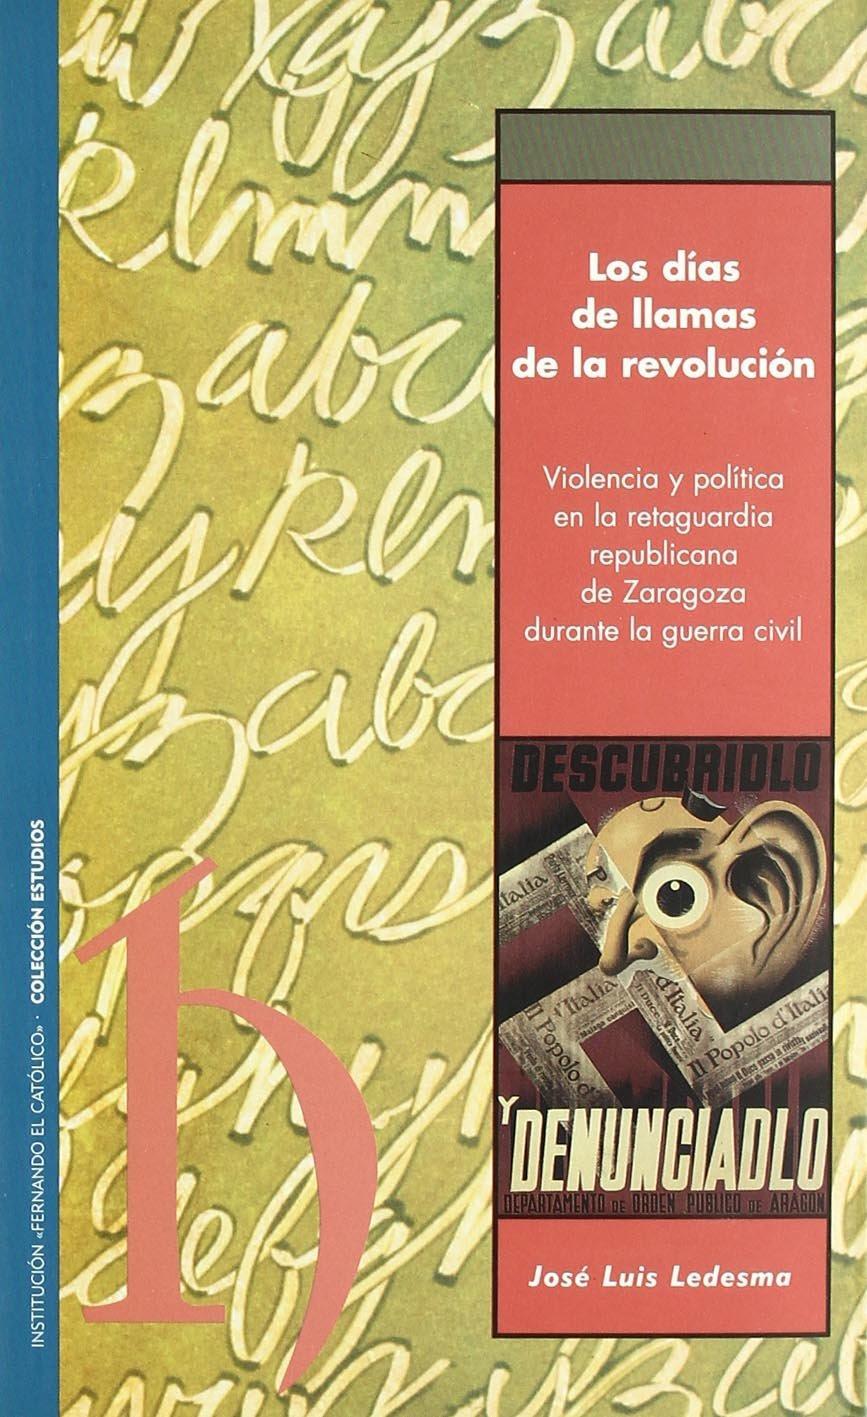 LOS DÍAS DE LLAMAS DE LA REVOLUCIÓN : VIOLENCIA Y POLÍTICA EN LA RETAGUARDIA REPUBLICANA DE ZARAGOZA